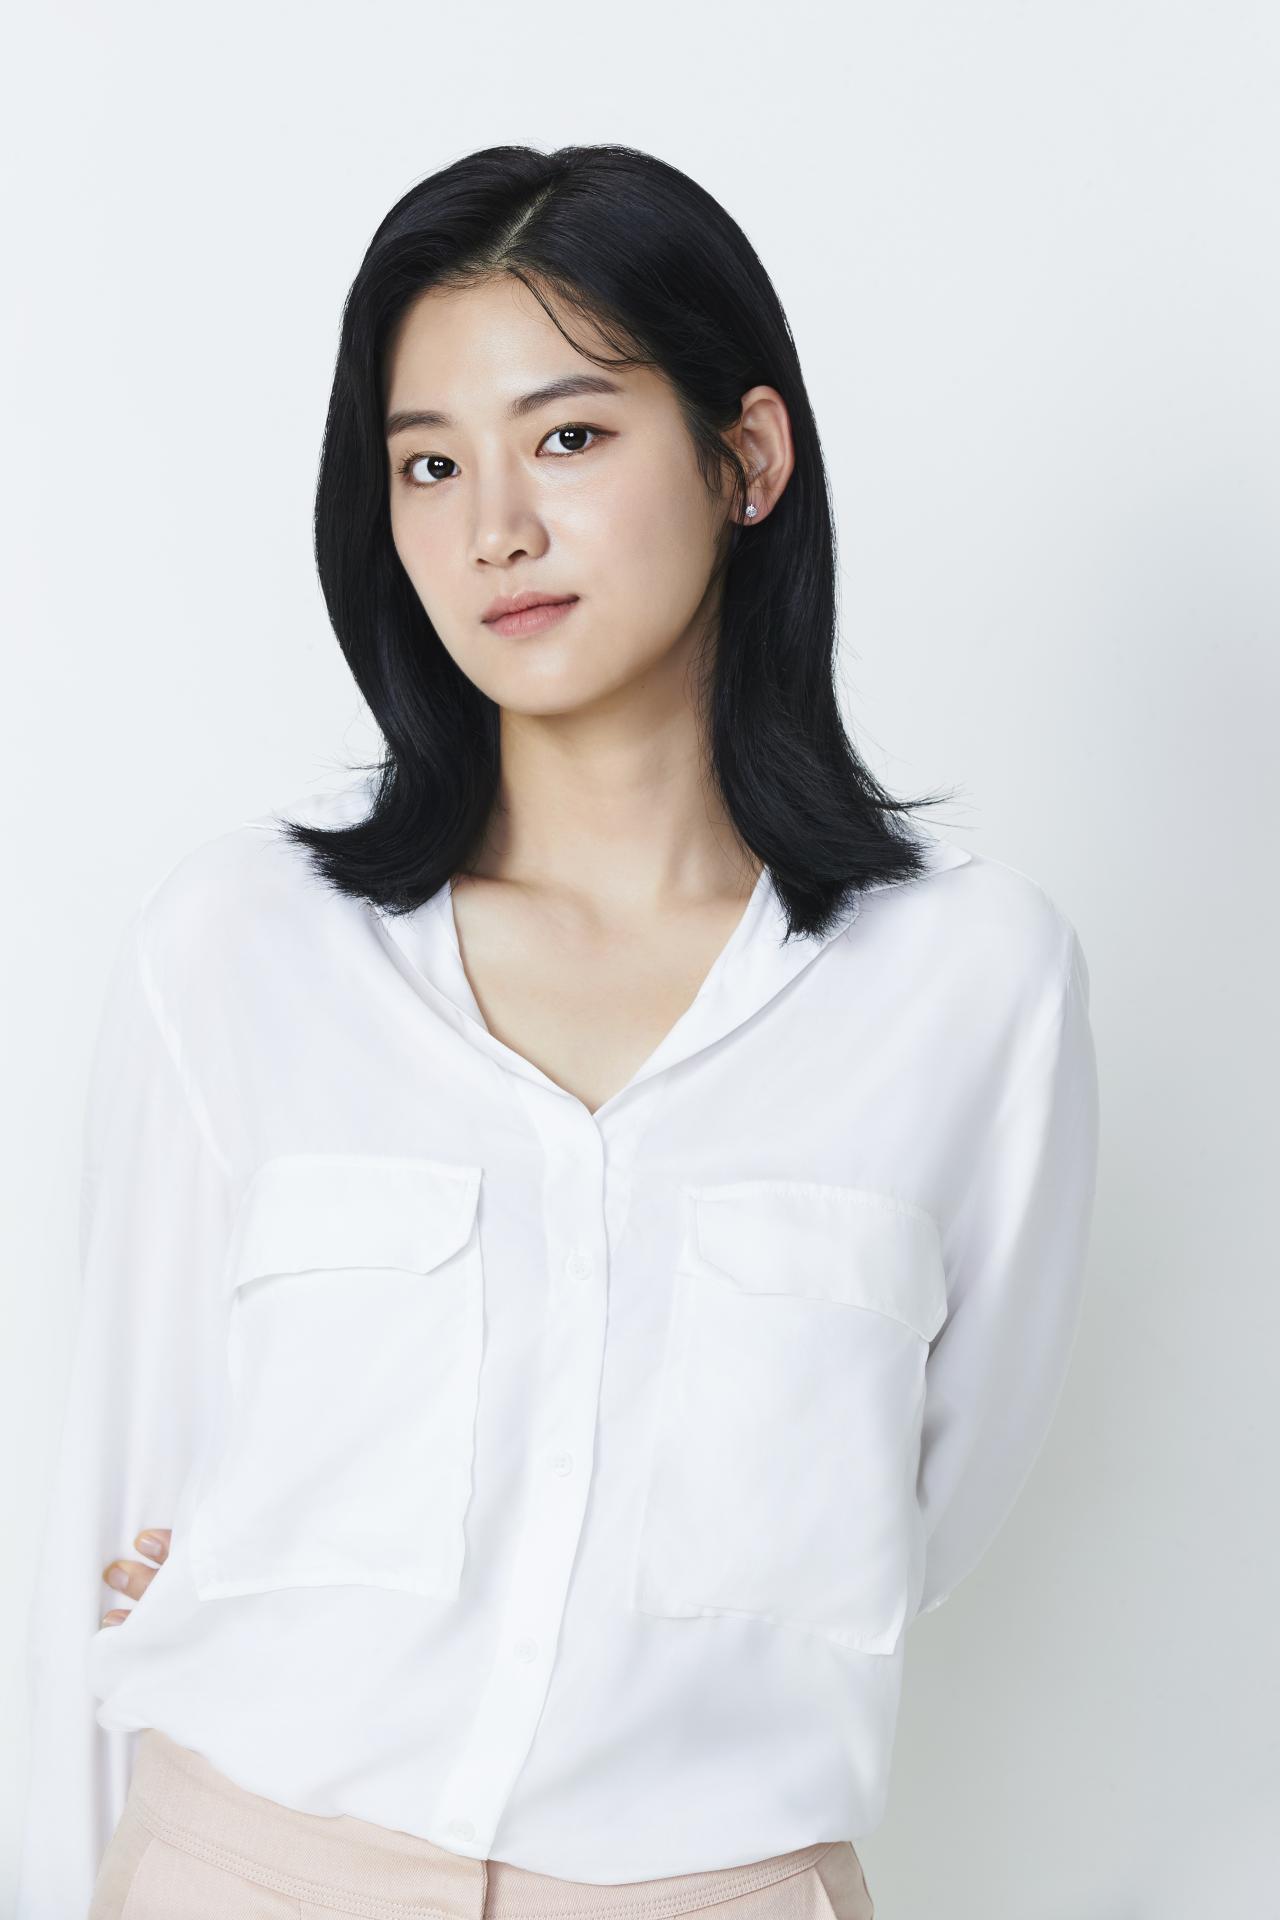 choi-jin-hyuk-park-ju-hyun-zombie-drama-2